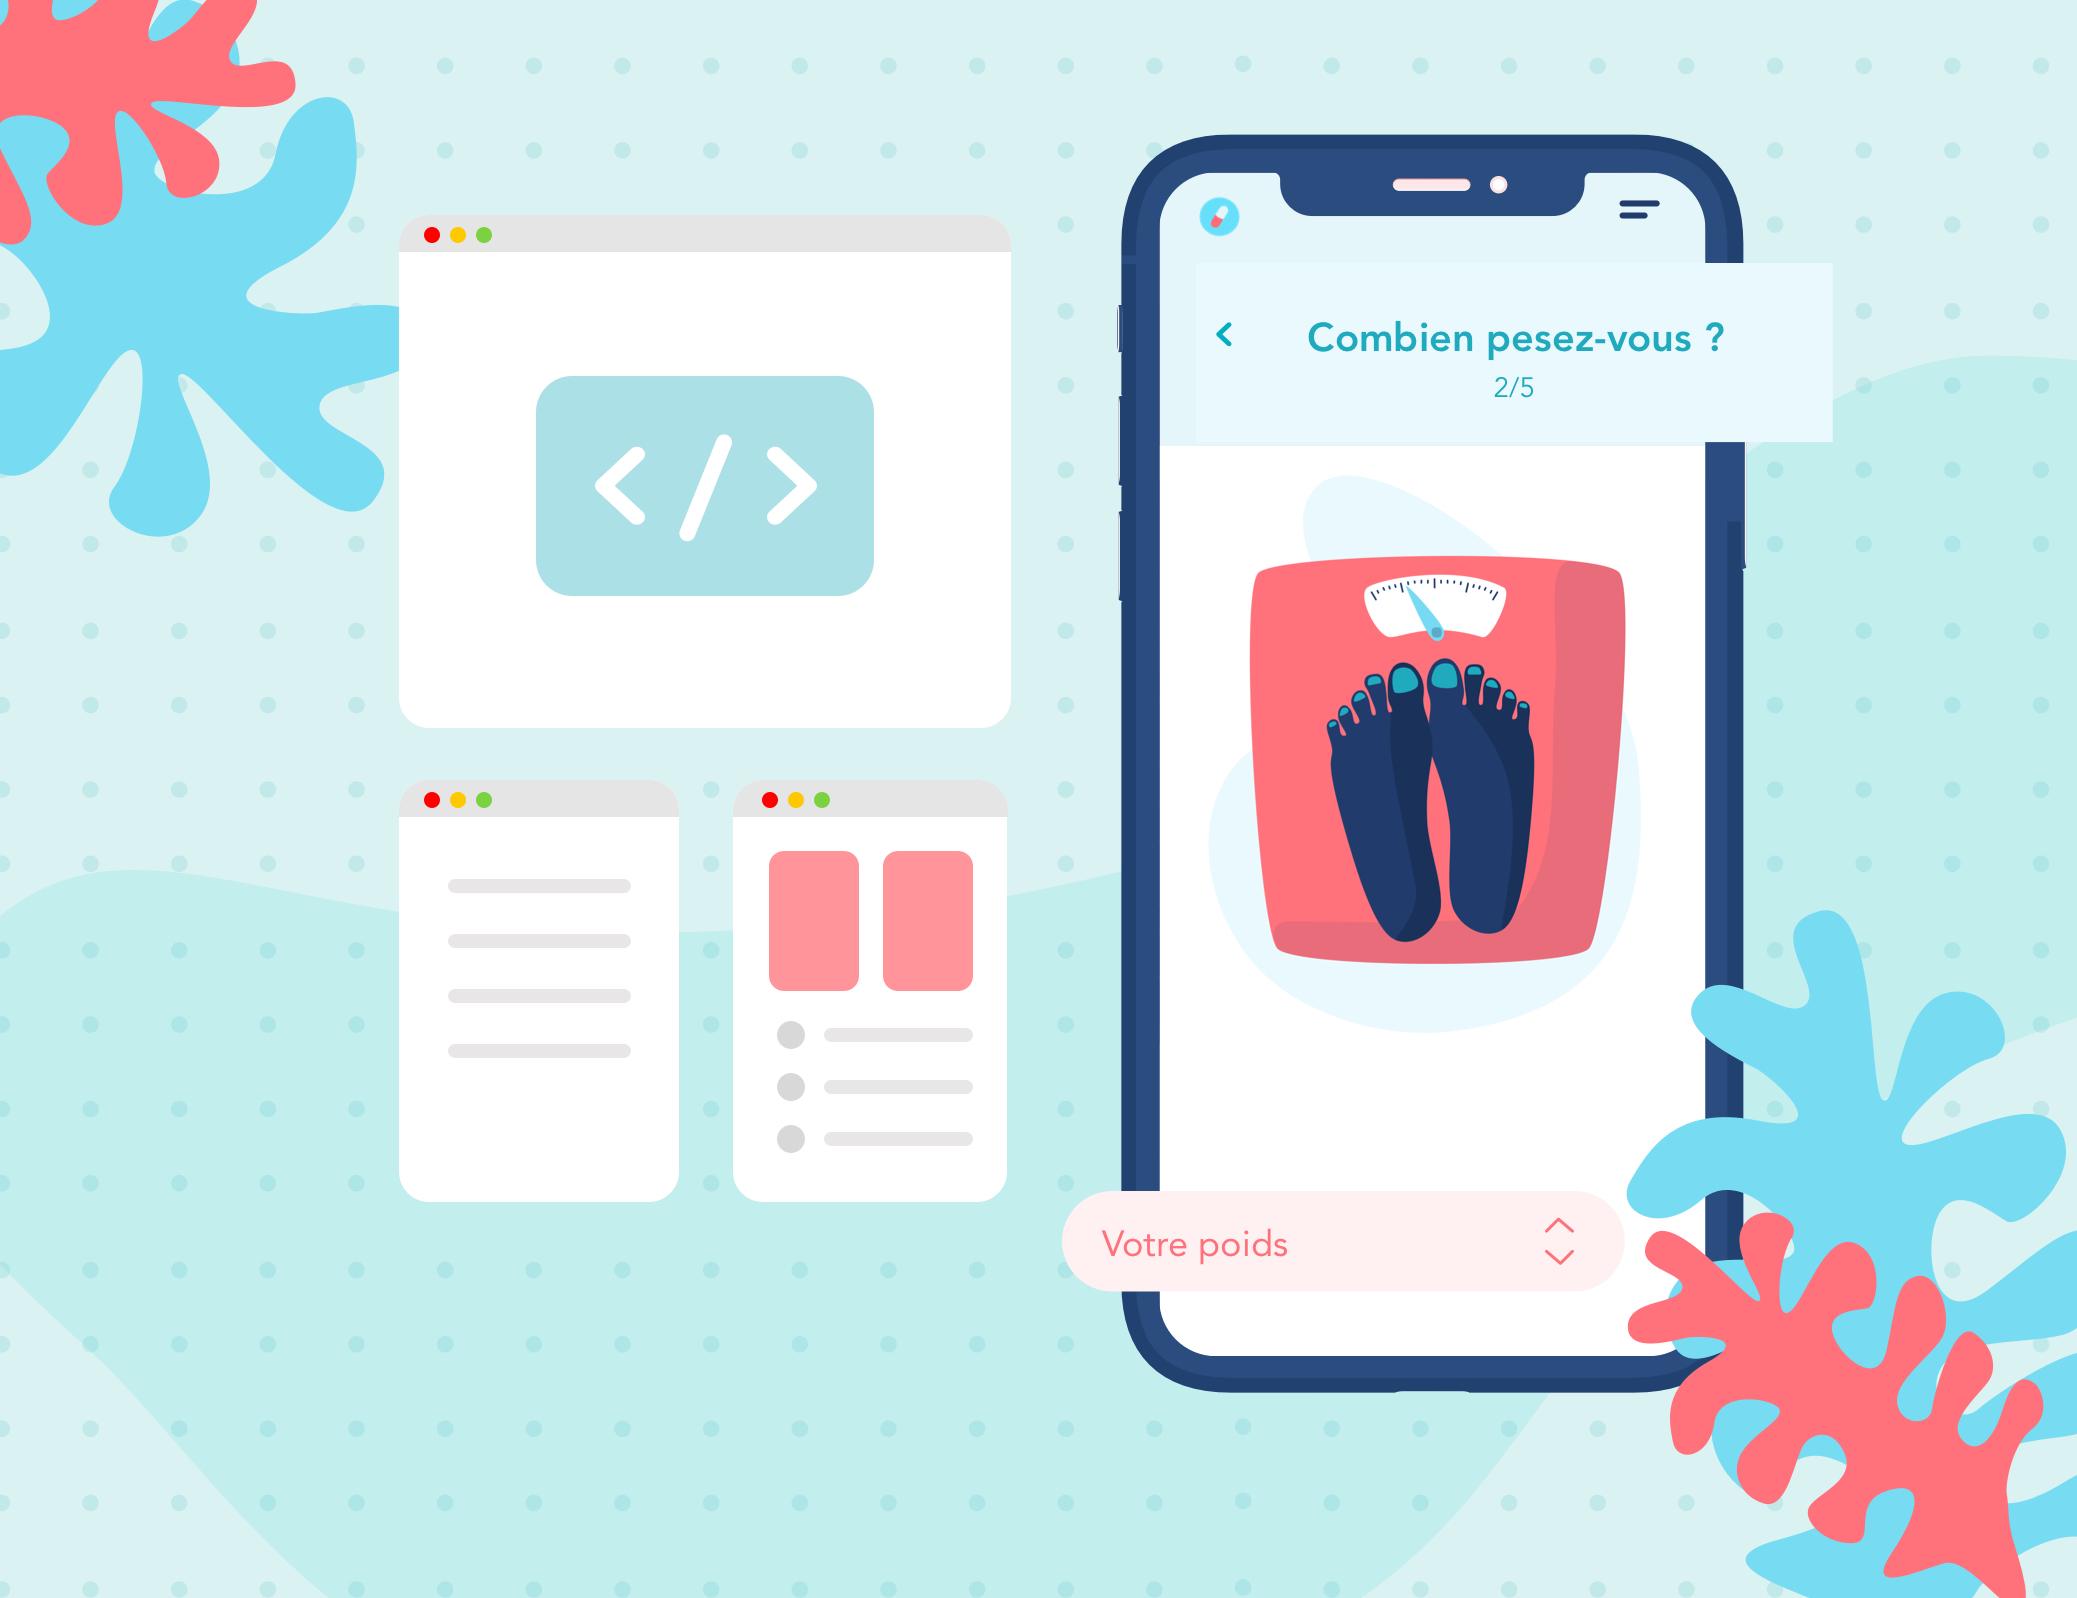 UX Design UI Design application mobile développement iOS Android agence studio designer développeur santé medicamentum pharmacie medicamentum beyowi pharmacovigilence